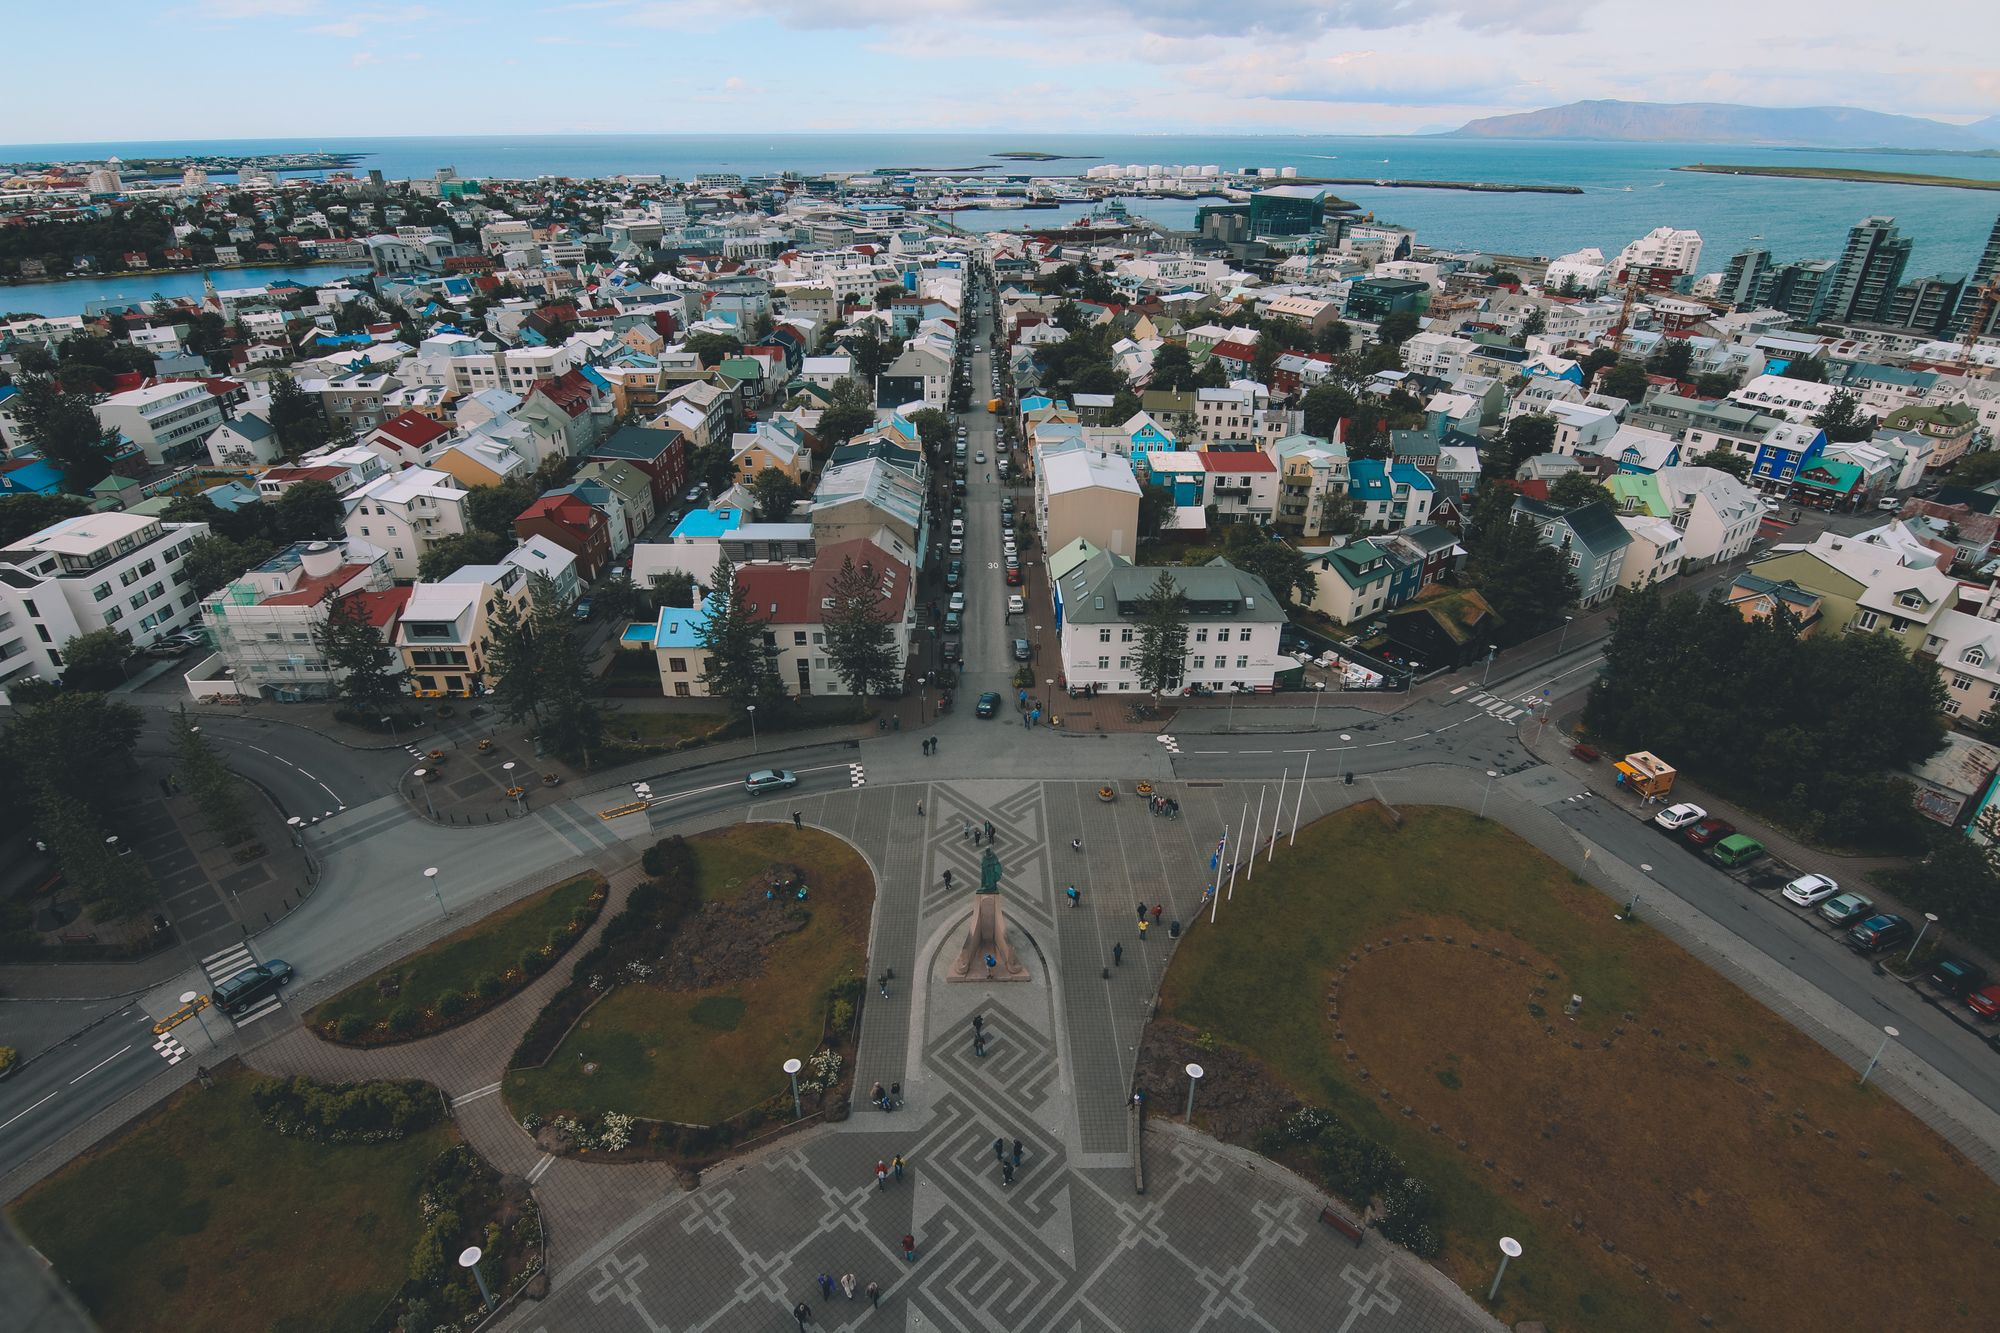 Vue sur la ville de Reykjavik en Islande depuis l'église luthérienne d'Hallgrímskirkja